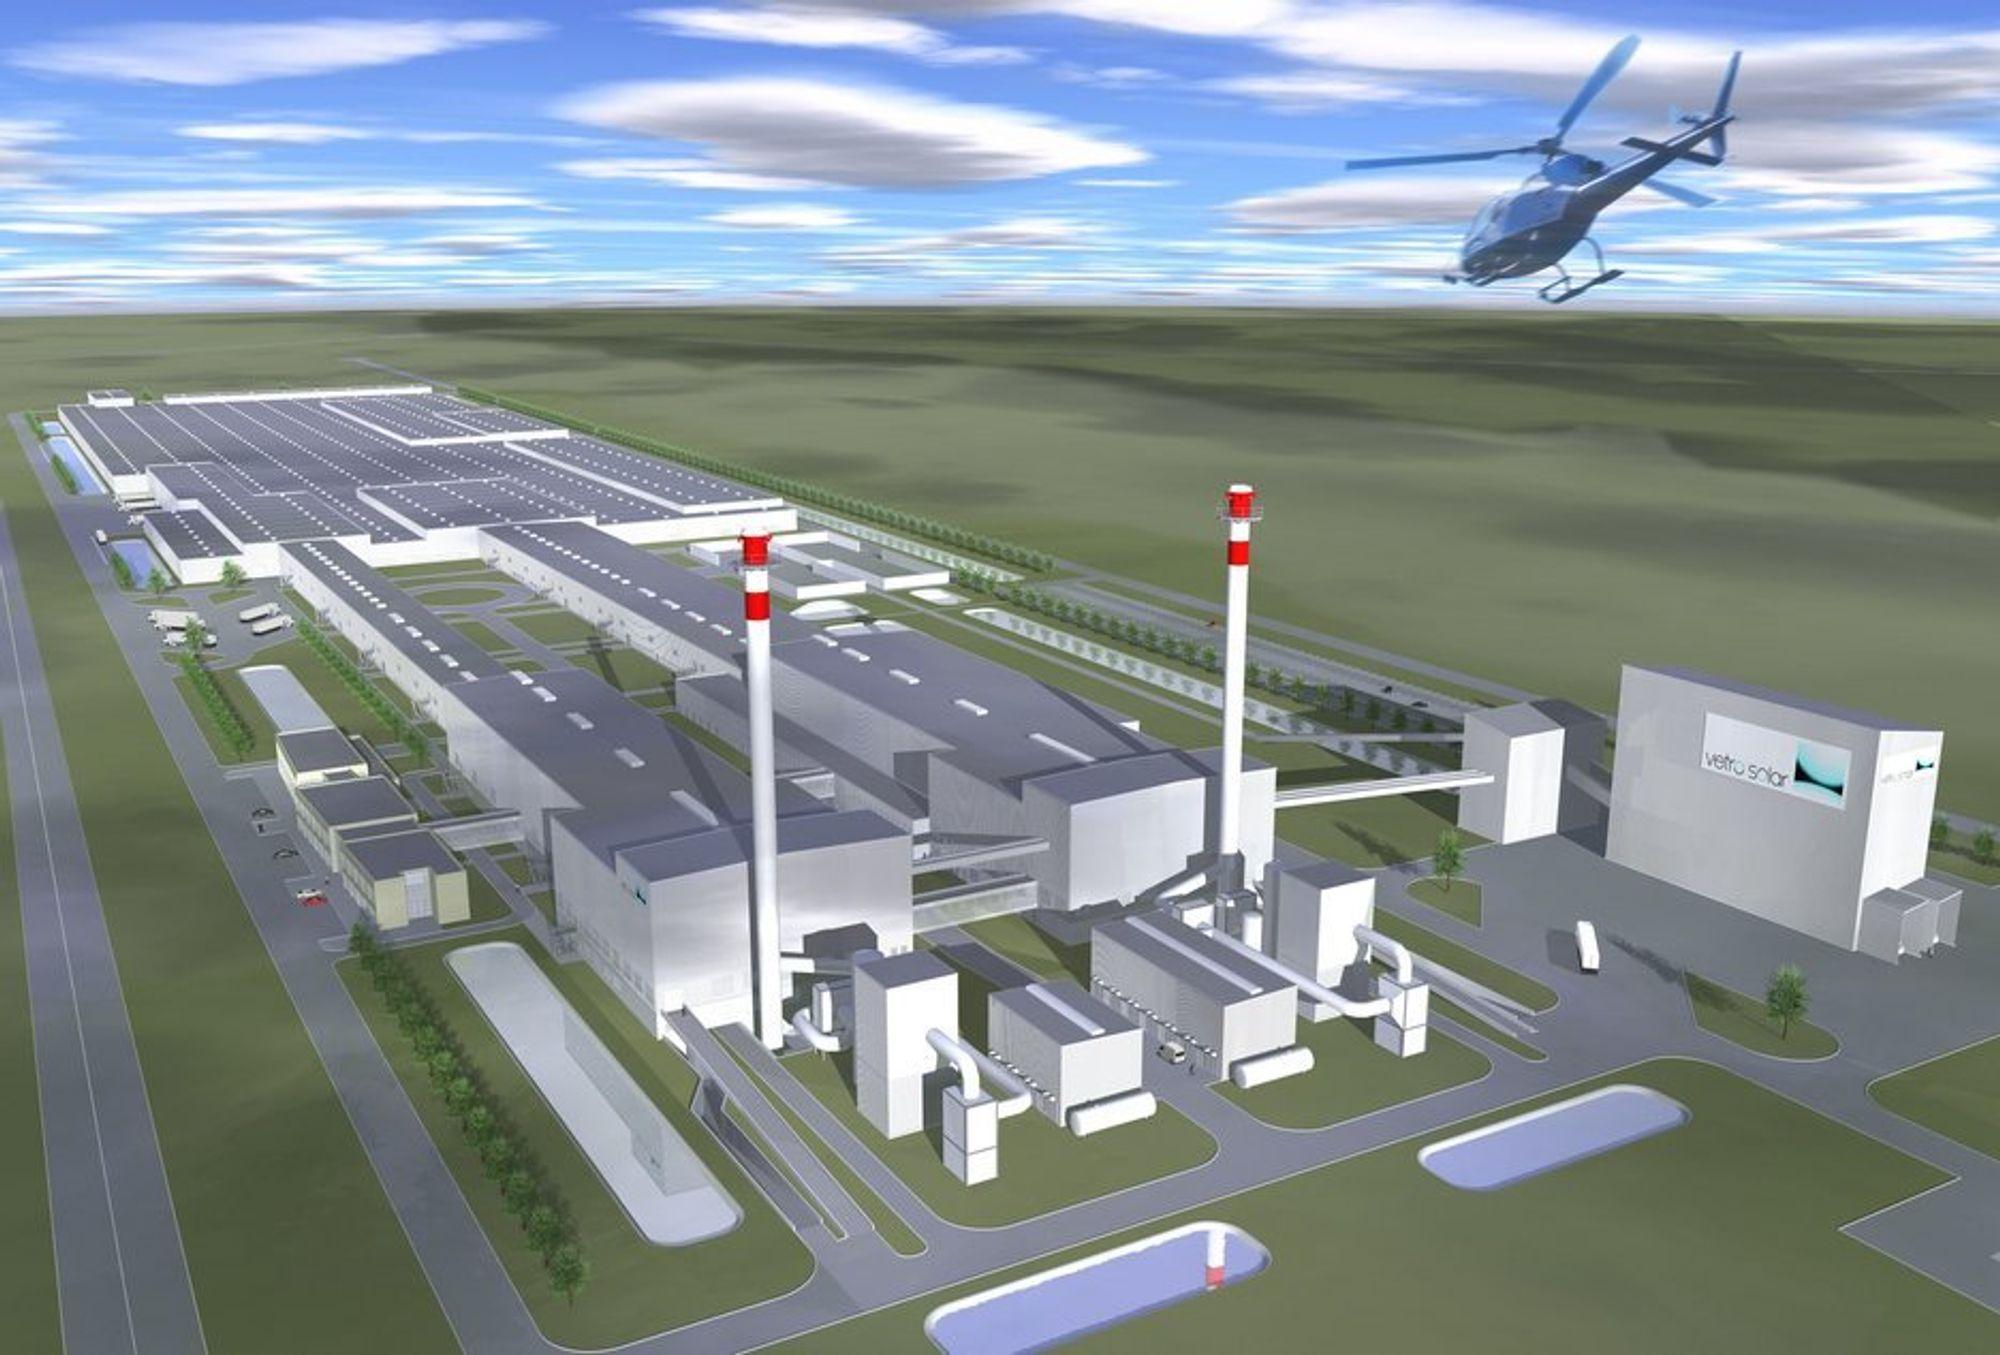 VERDENS STØRSTE: Vetro Solar planlegger fabrikk i den såkalte Solar Valley i Thalheim, øst i Tyskland. Det blir verdens største anlegg for prosessering og produksjon av glass til solarindustrien.